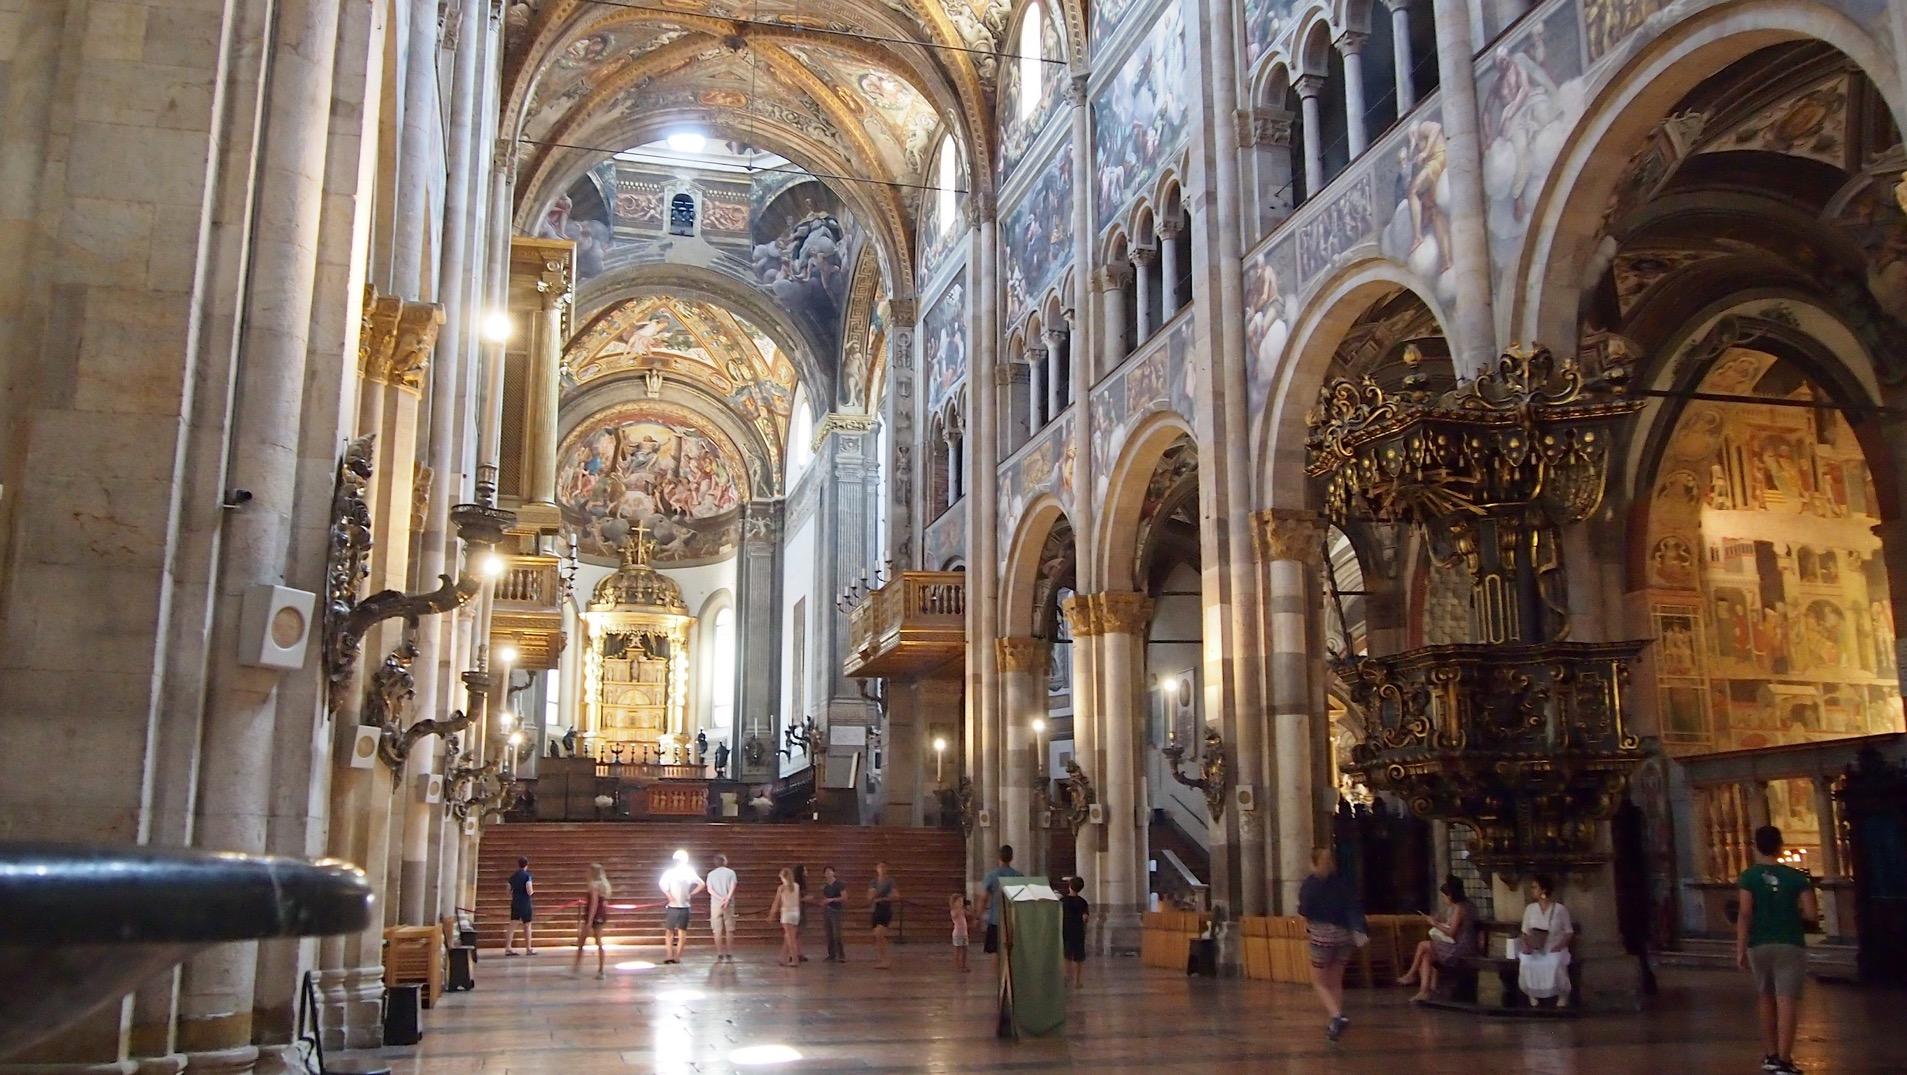 【意大利暑假自駕遊】(4) 速遊 Parma 上集 – 吃巴馬火腿前 先到大教堂朝聖 – TASTE OF MILANO